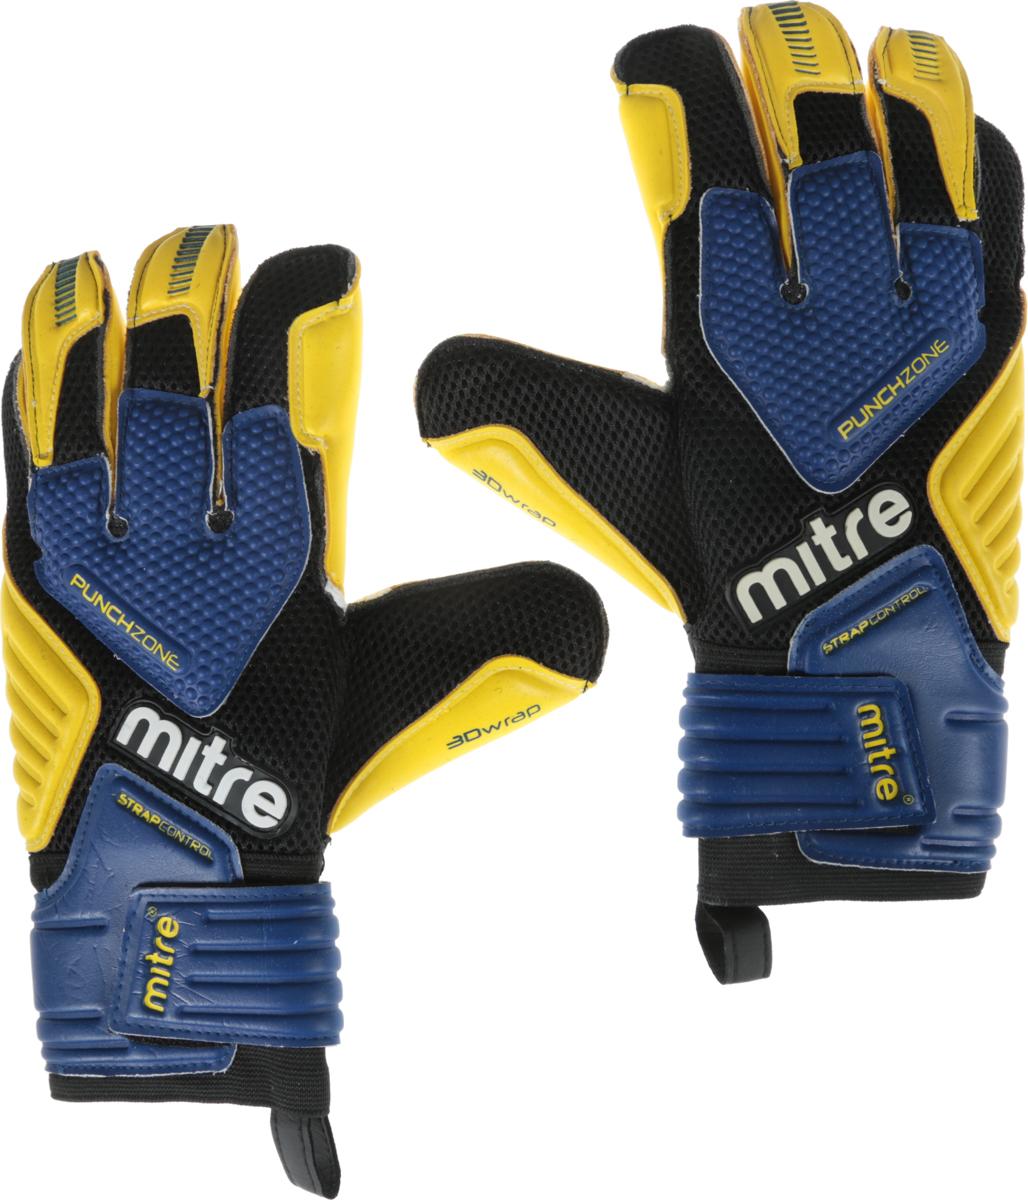 Перчатки вратарские Mitre Brz Pro, цвет: черный, желтый, синий. Размер 10GL254Перчатки вратарские Mitre Brz Pro имеют сетчатую тыльную сторону для лучшей вентиляции. Каждая пара перчаток конструирована для обеспечения максимальных игровых качеств, удобстваи защиты.Внутренняя часть ладони покрыта латексом для наилучшего сцепления. Сетчатые вставки на пальцах. Выделенная зона для отражения мяча кулаком на тыльной стороне перчатки. Конструкция ладони для гашения удара при схватывании мяча. Объемная конструкция в ключевых зонах. Эластичное запястье и фиксация на липучке. Чтобы обеспечить максимальные игровые качества и увеличить срок службы перчаток, важно смачивать перчатки перед использованием.